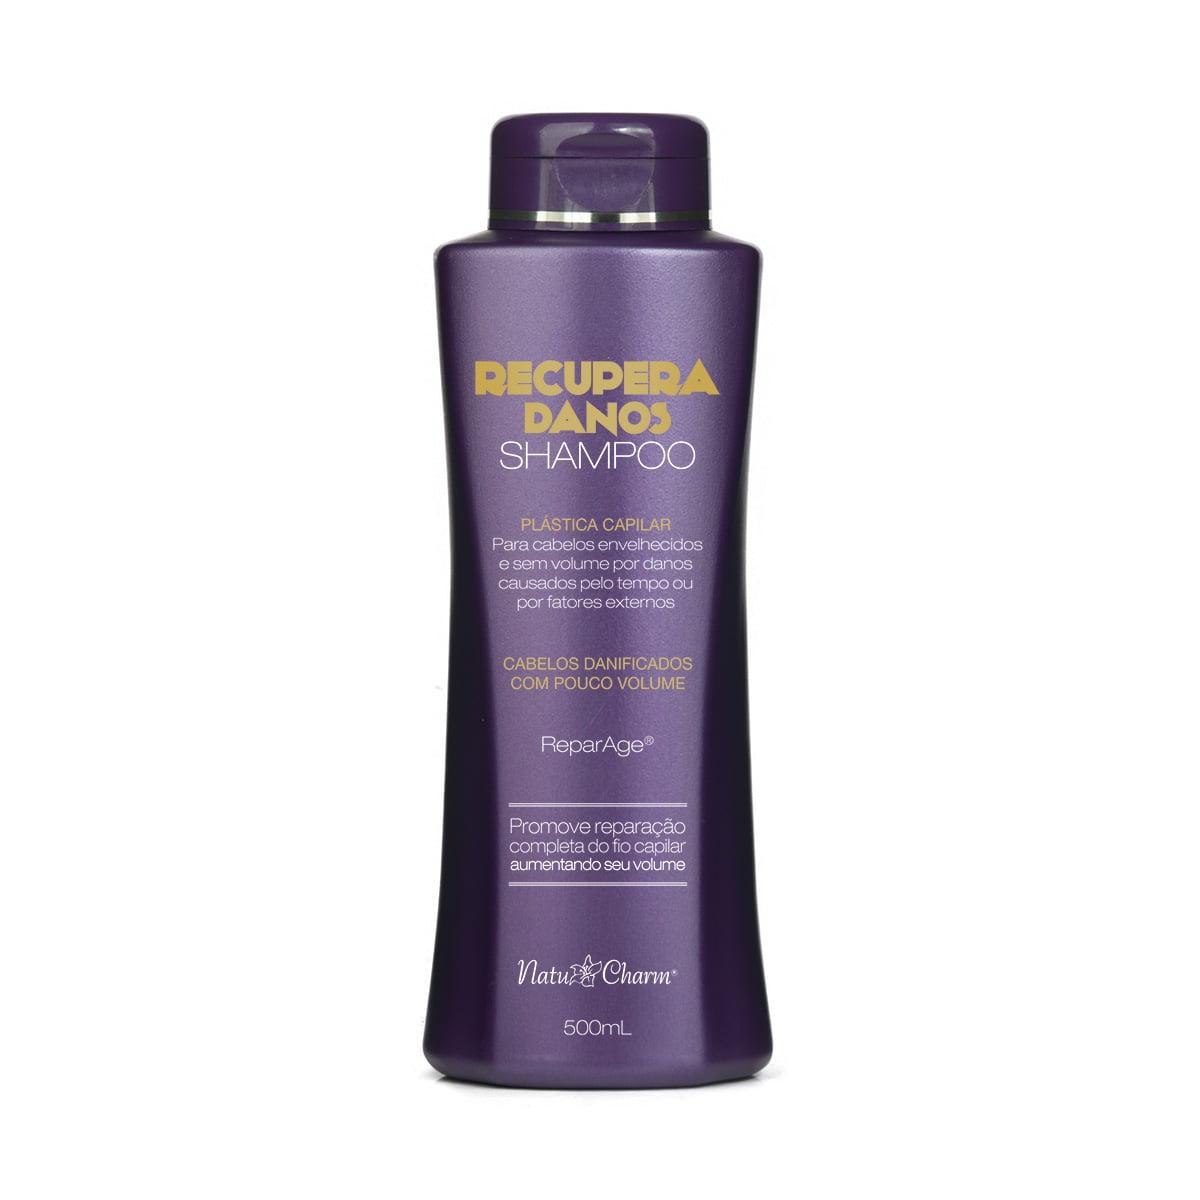 Shampoo Recupera Danos 500g